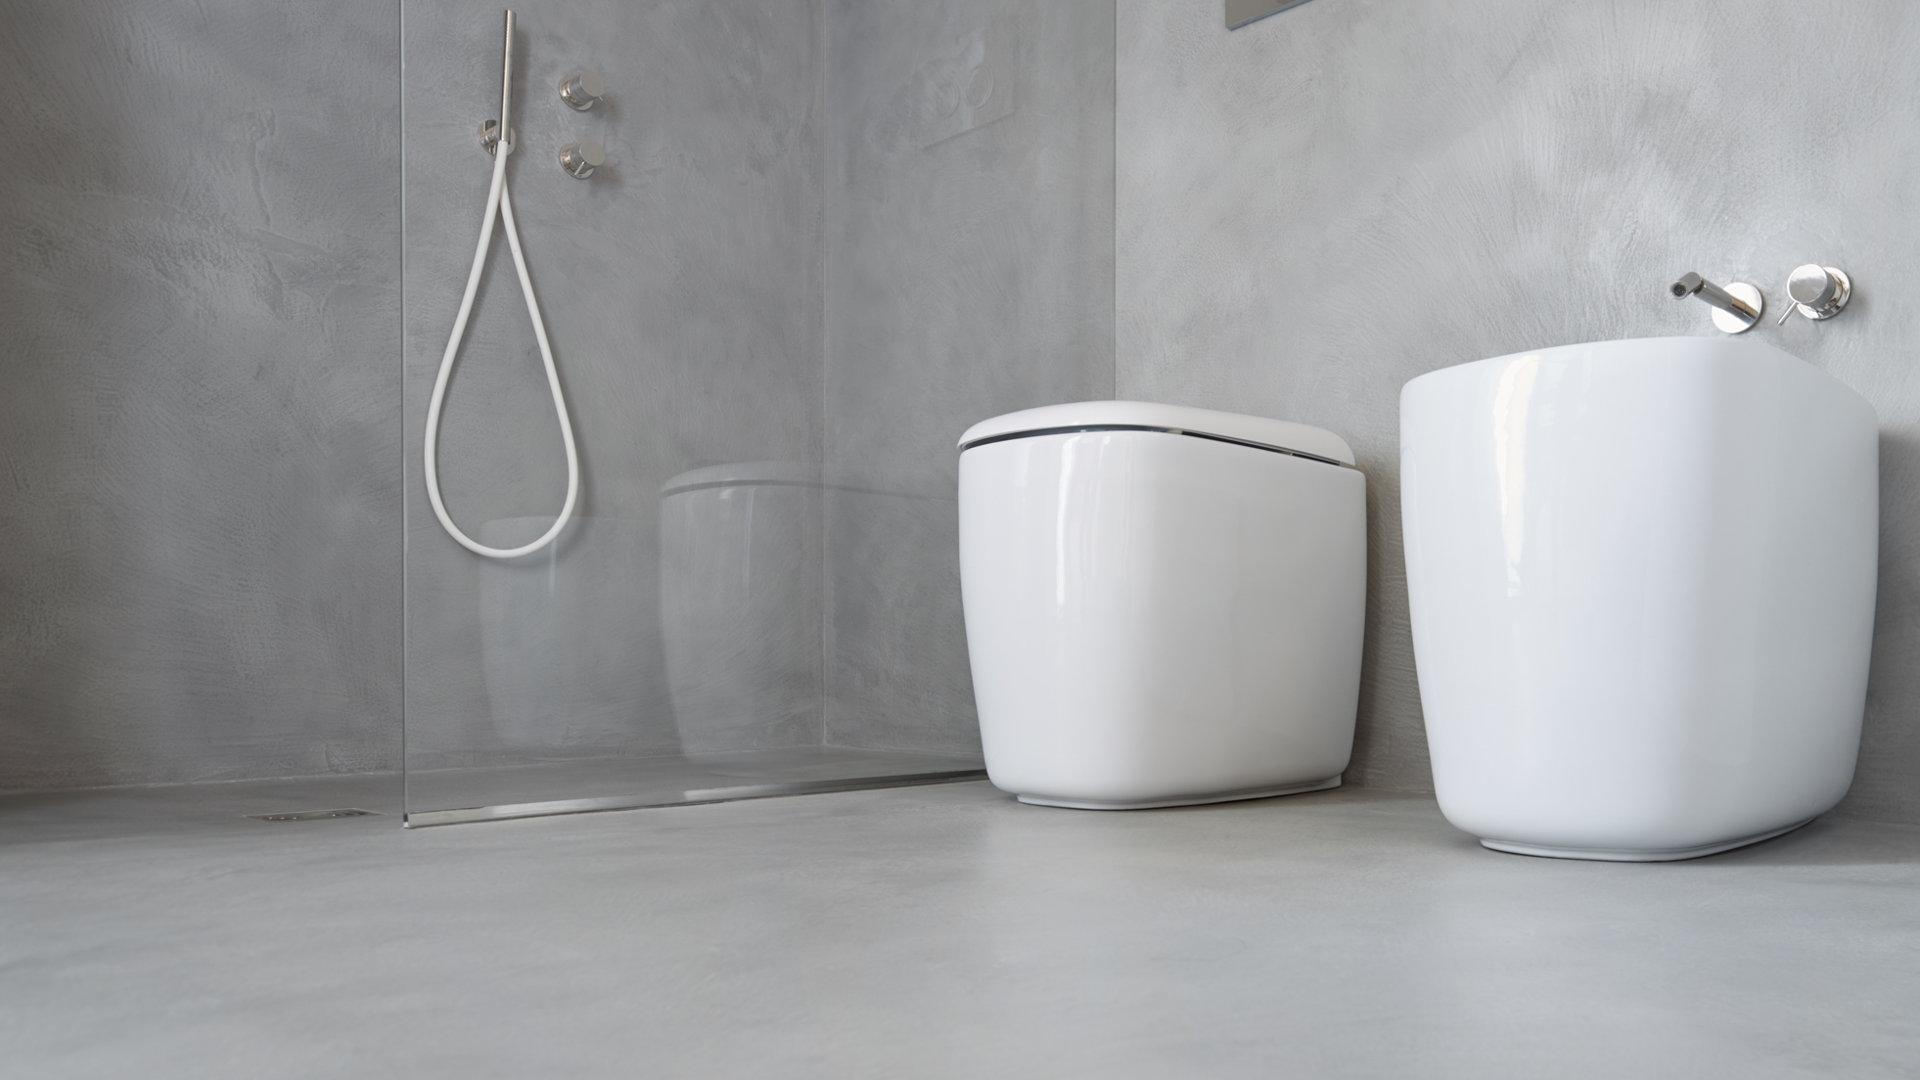 Ristrutturazione Del Bagno Idee : Idee per la ristrutturazione del bagno: pavimenti e rivestimenti moderni